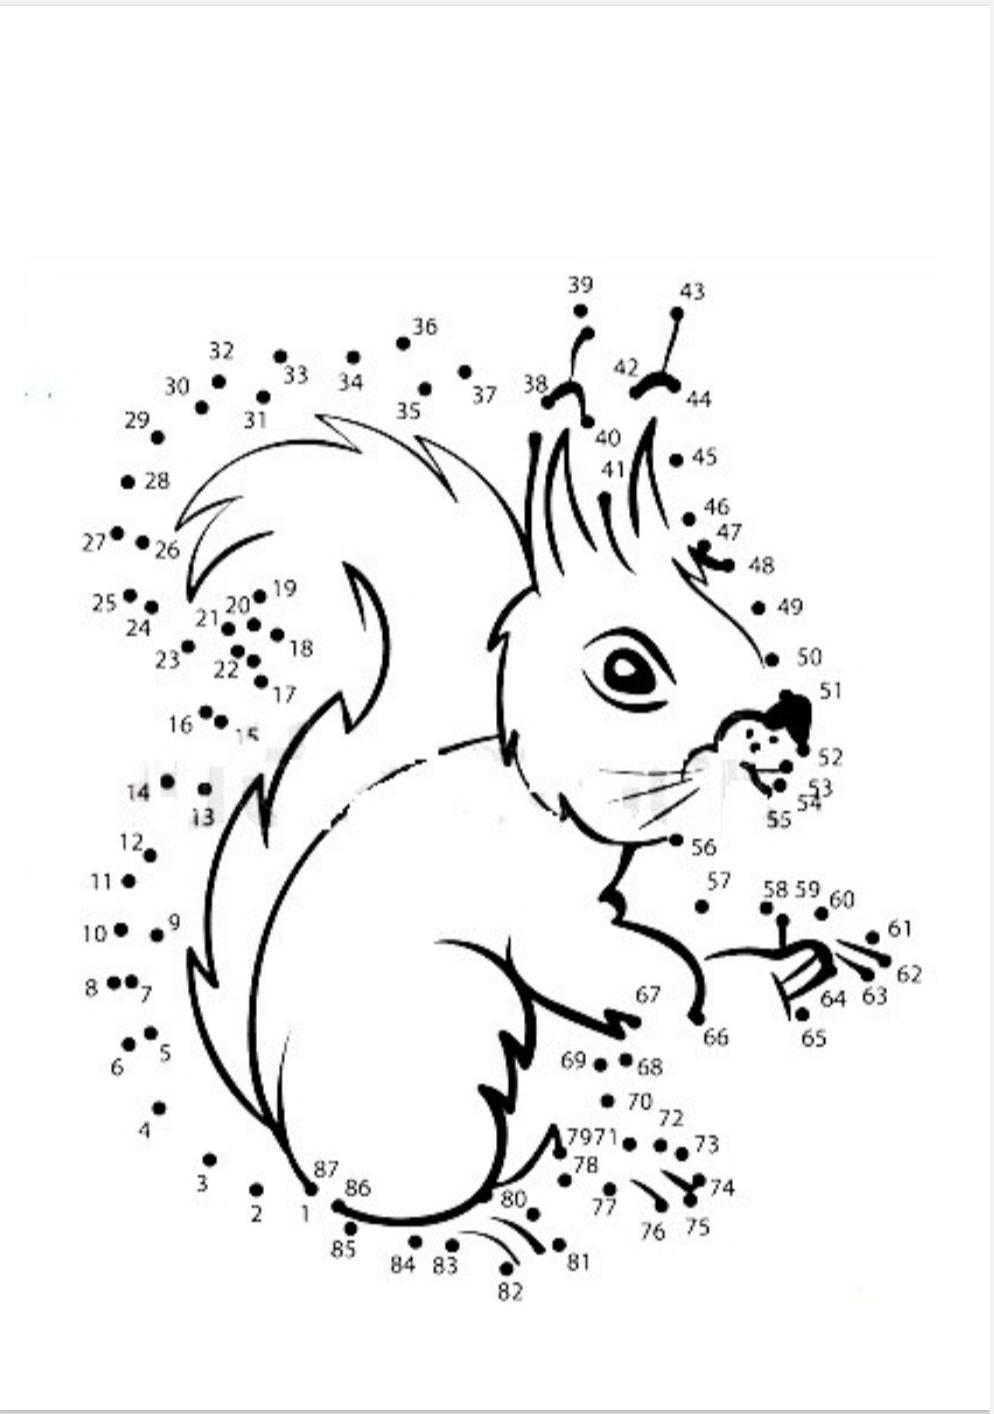 Matematica creativa con ghiande e scoiattoli (schede matematica classe seconda)